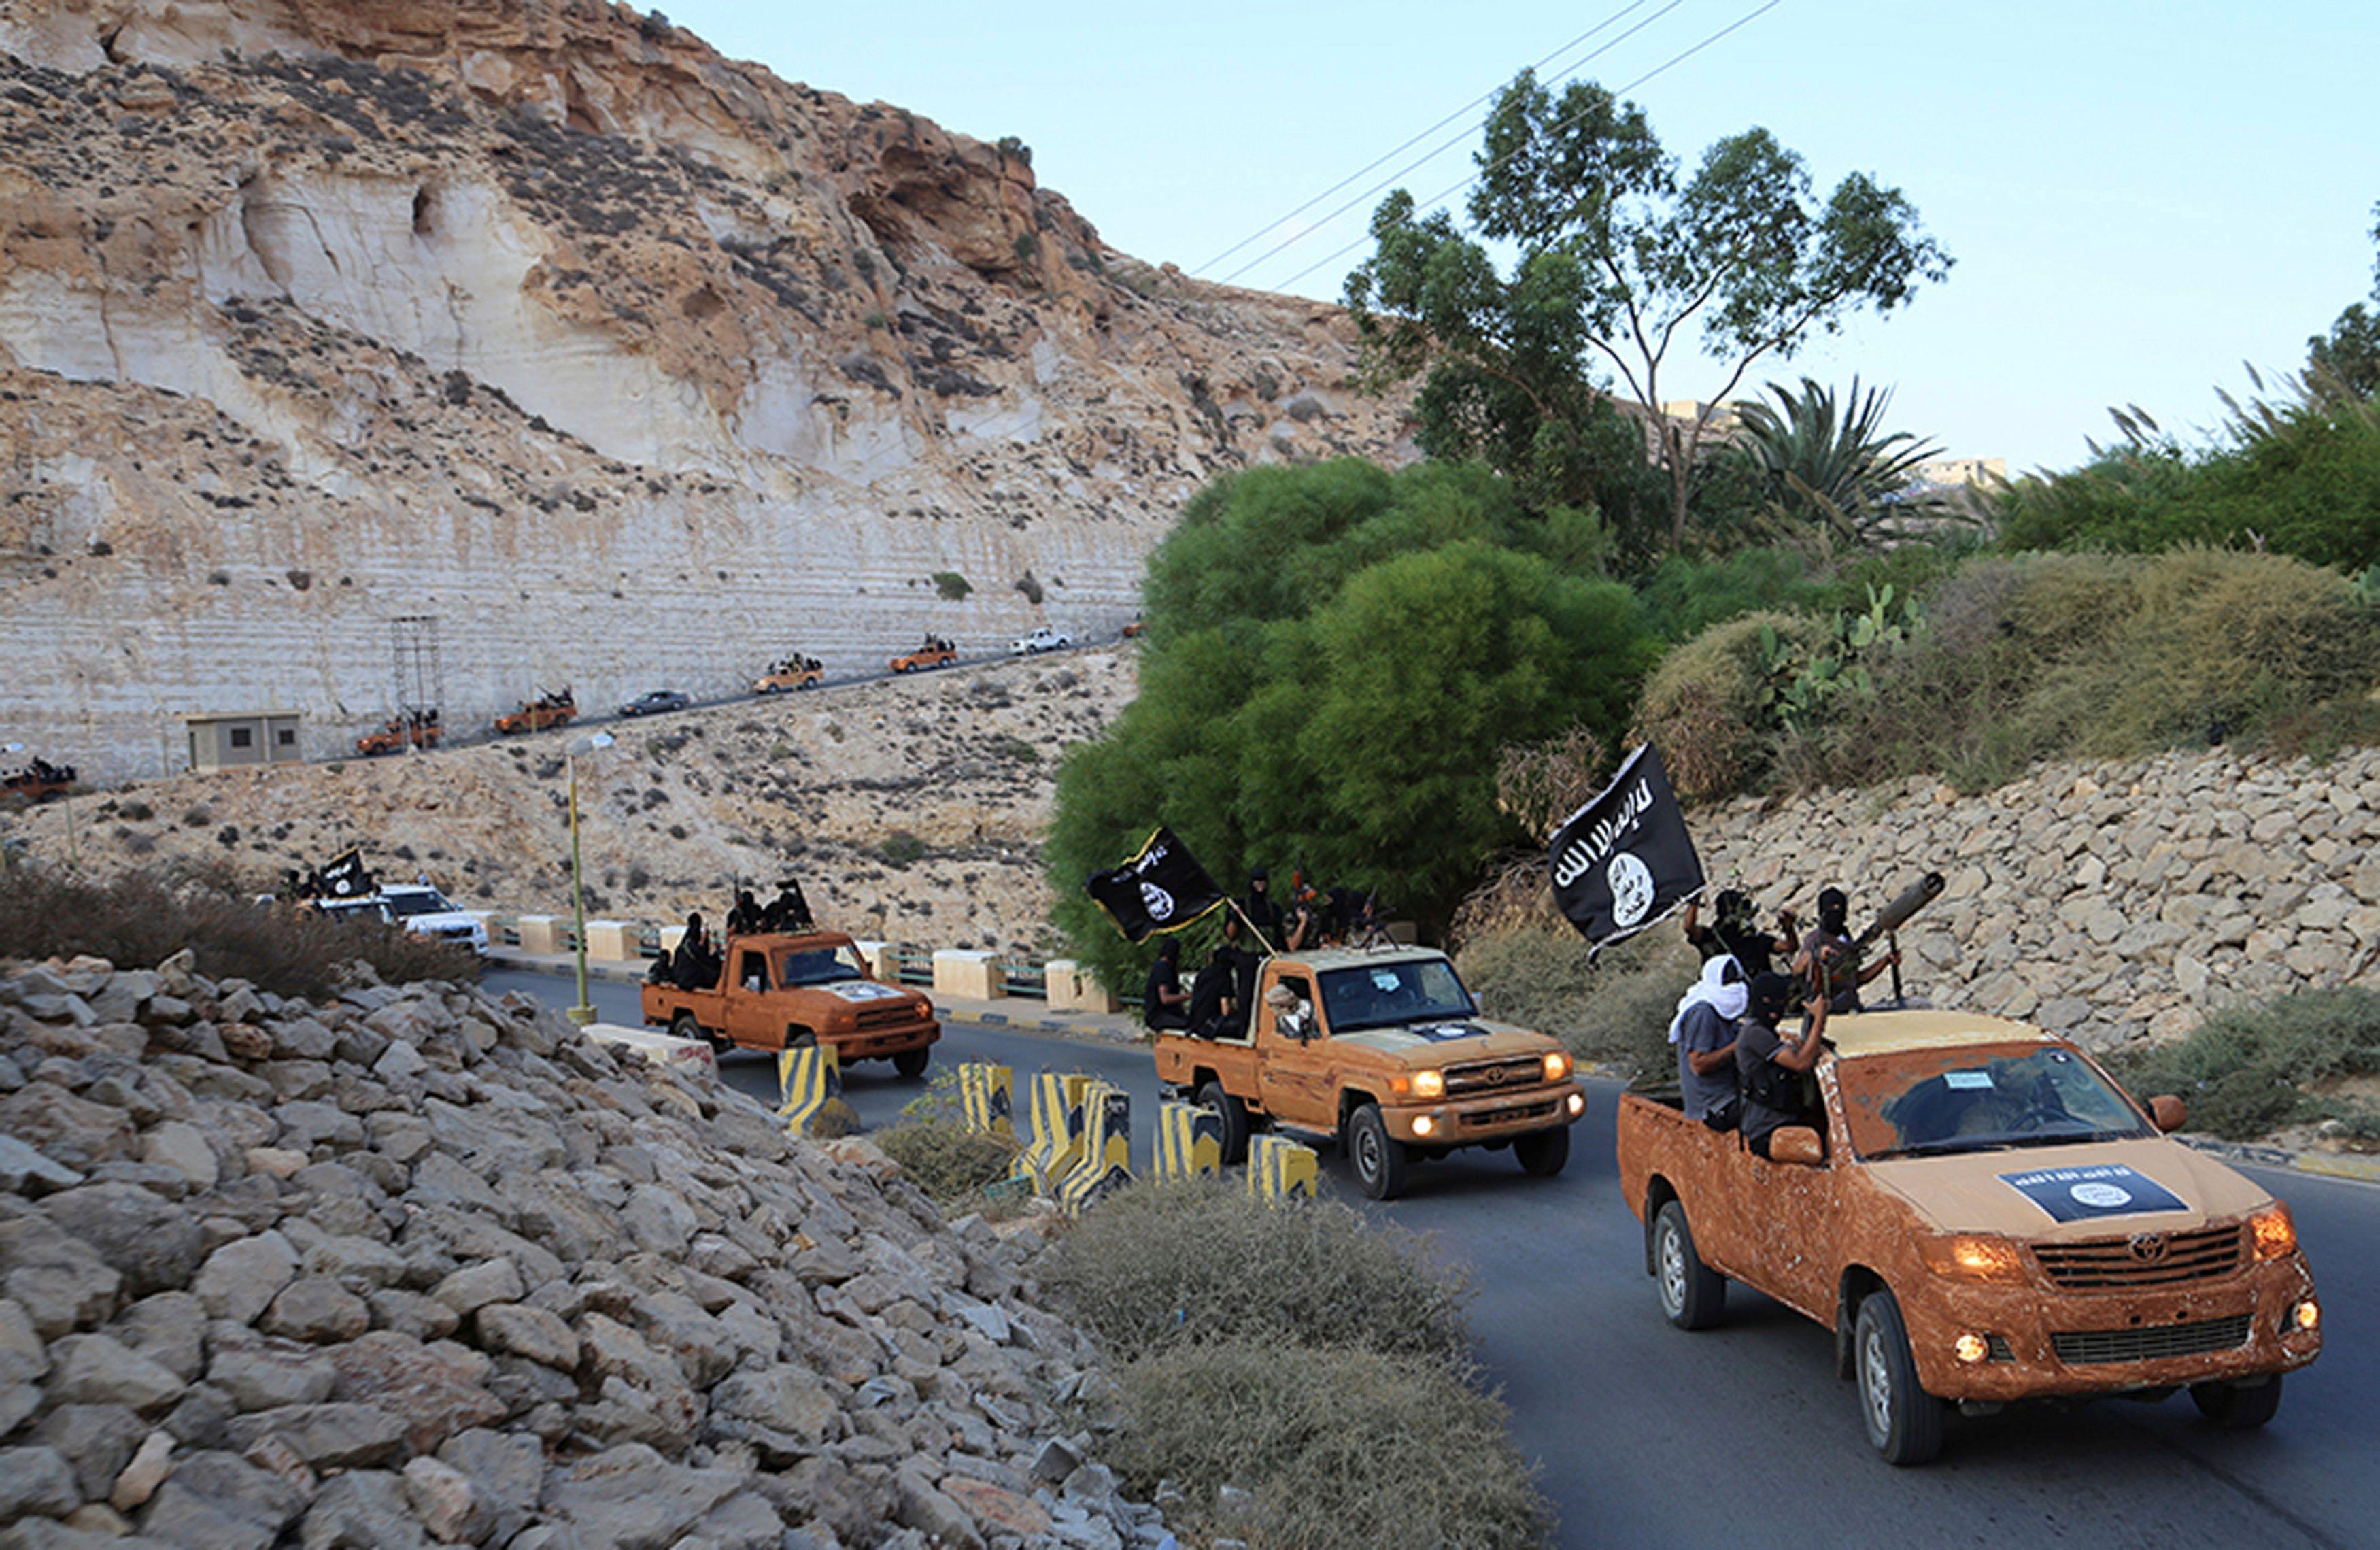 Comment l'Etat islamique s'est transformé en catastrophe pour les sunnites qu'il était sensé protéger en Syrie et en Irak